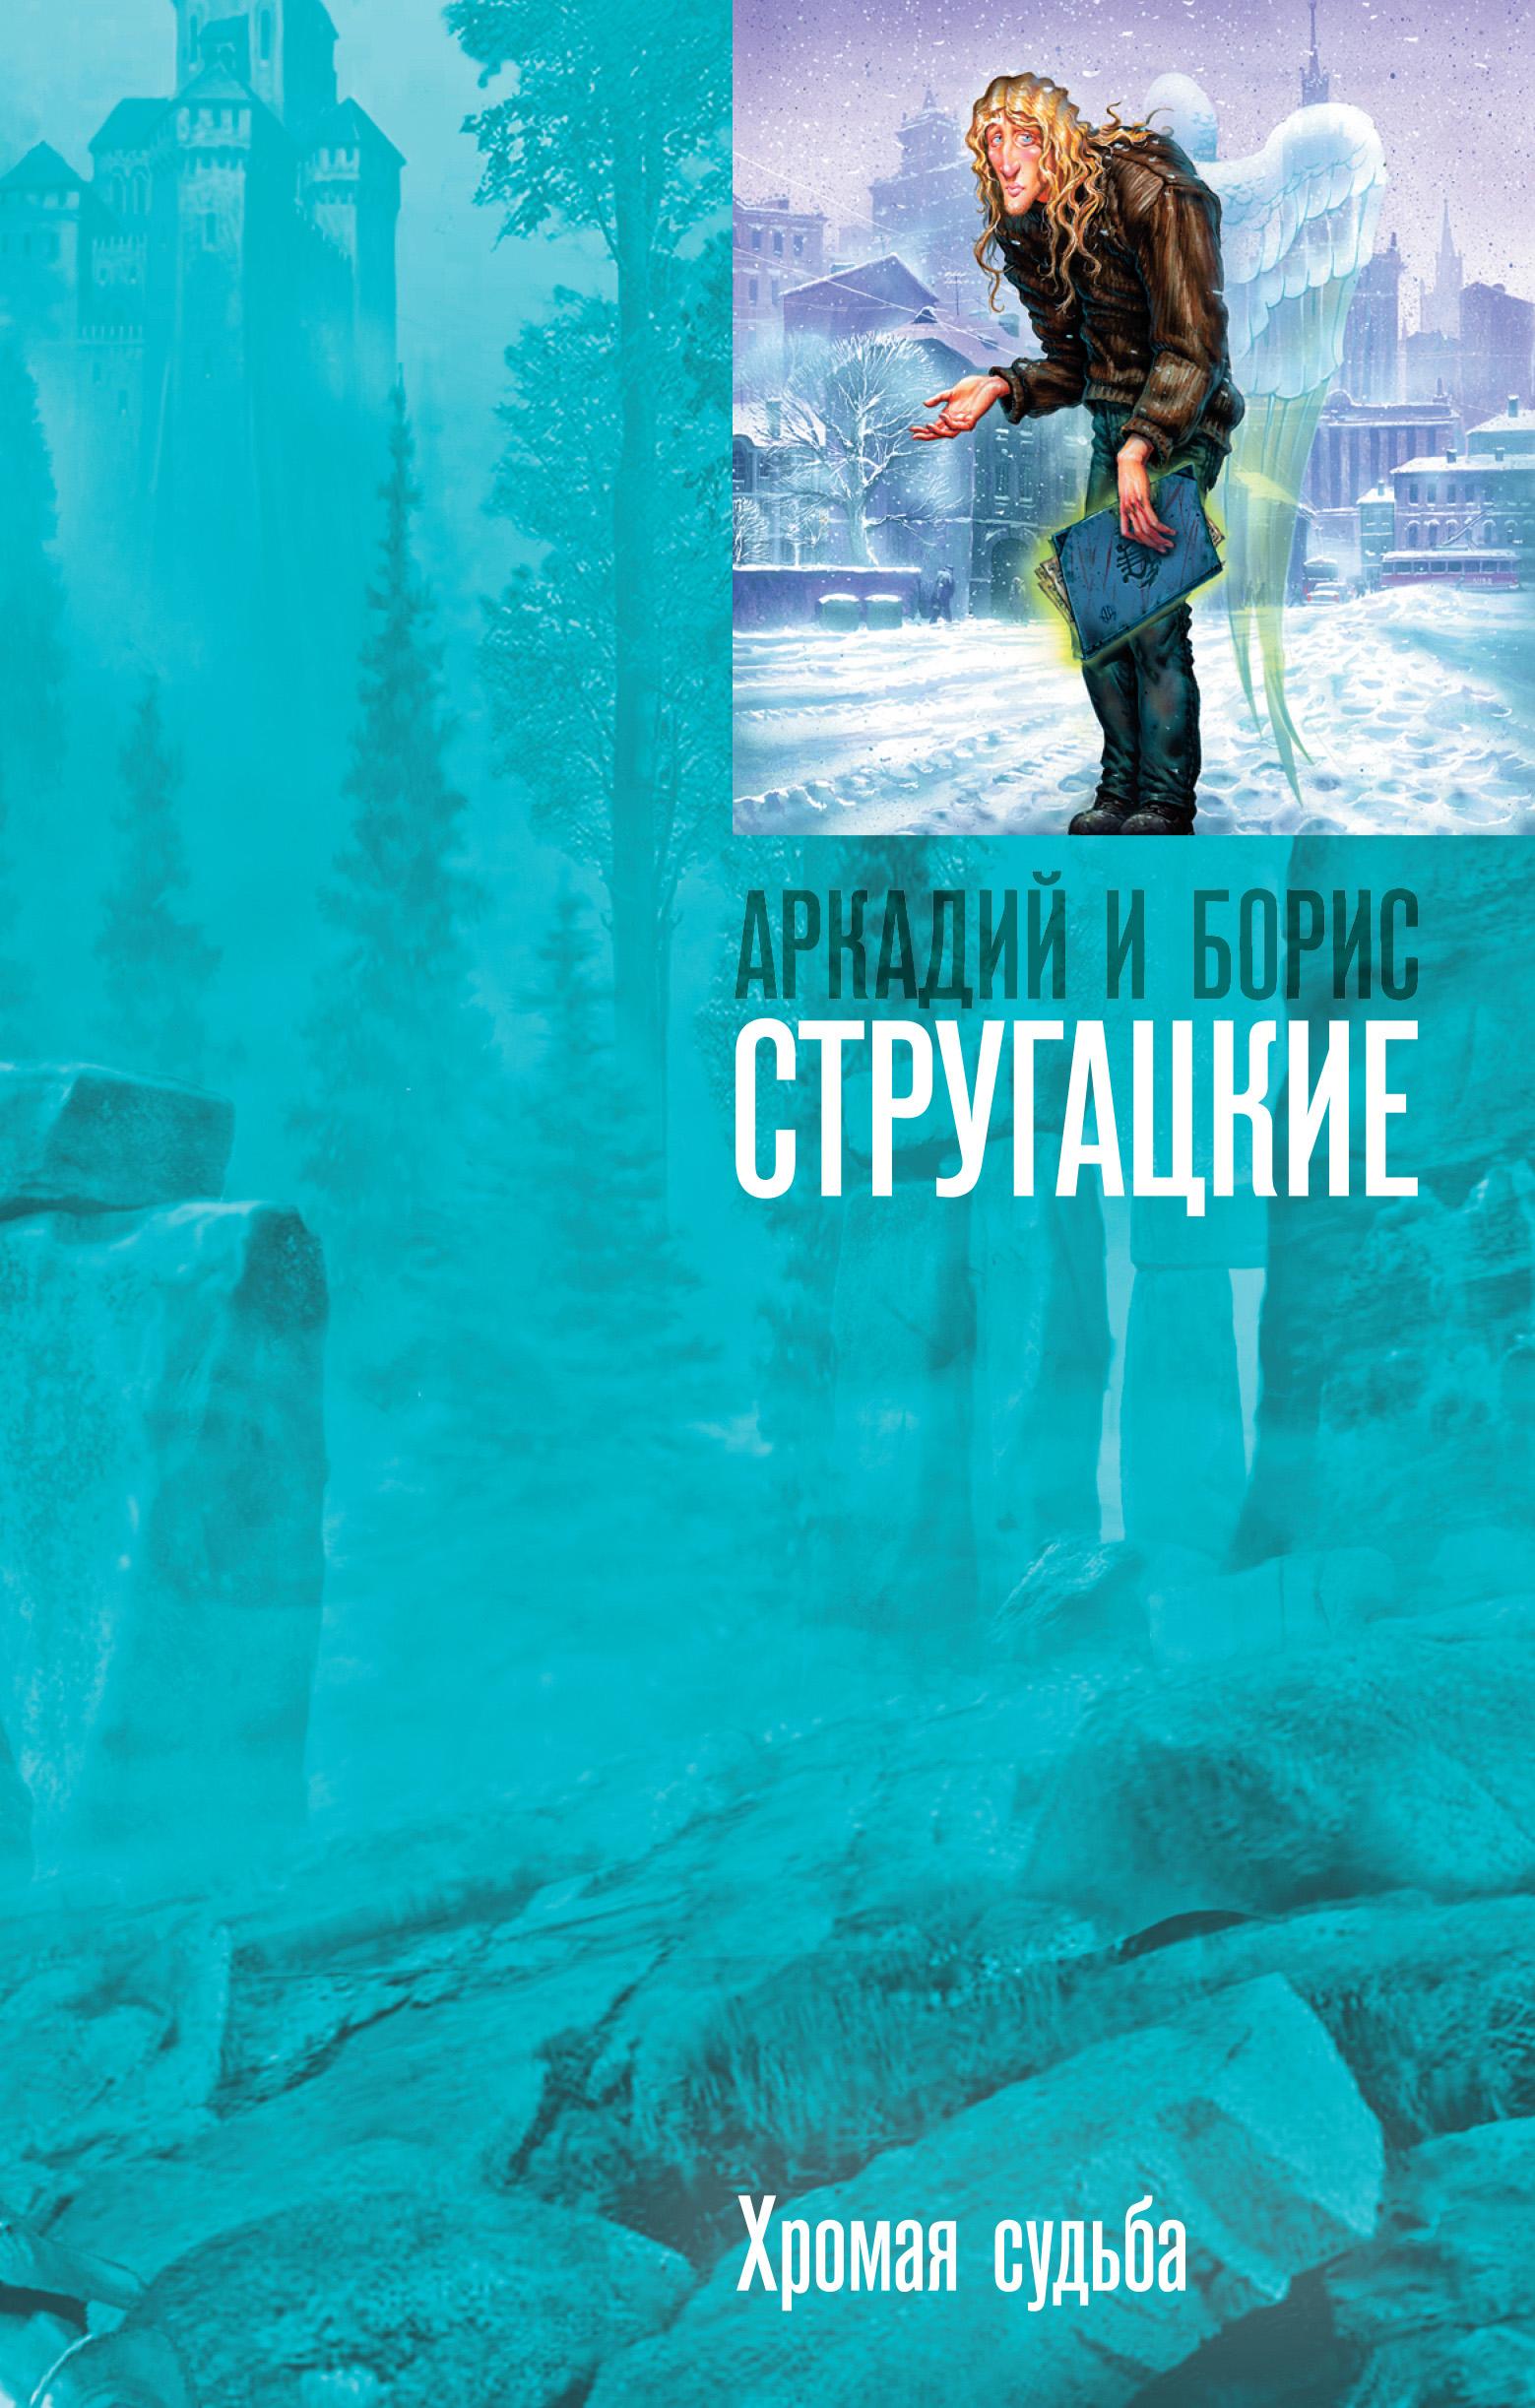 Аркадий и Борис Стругацкие «Хромая судьба»